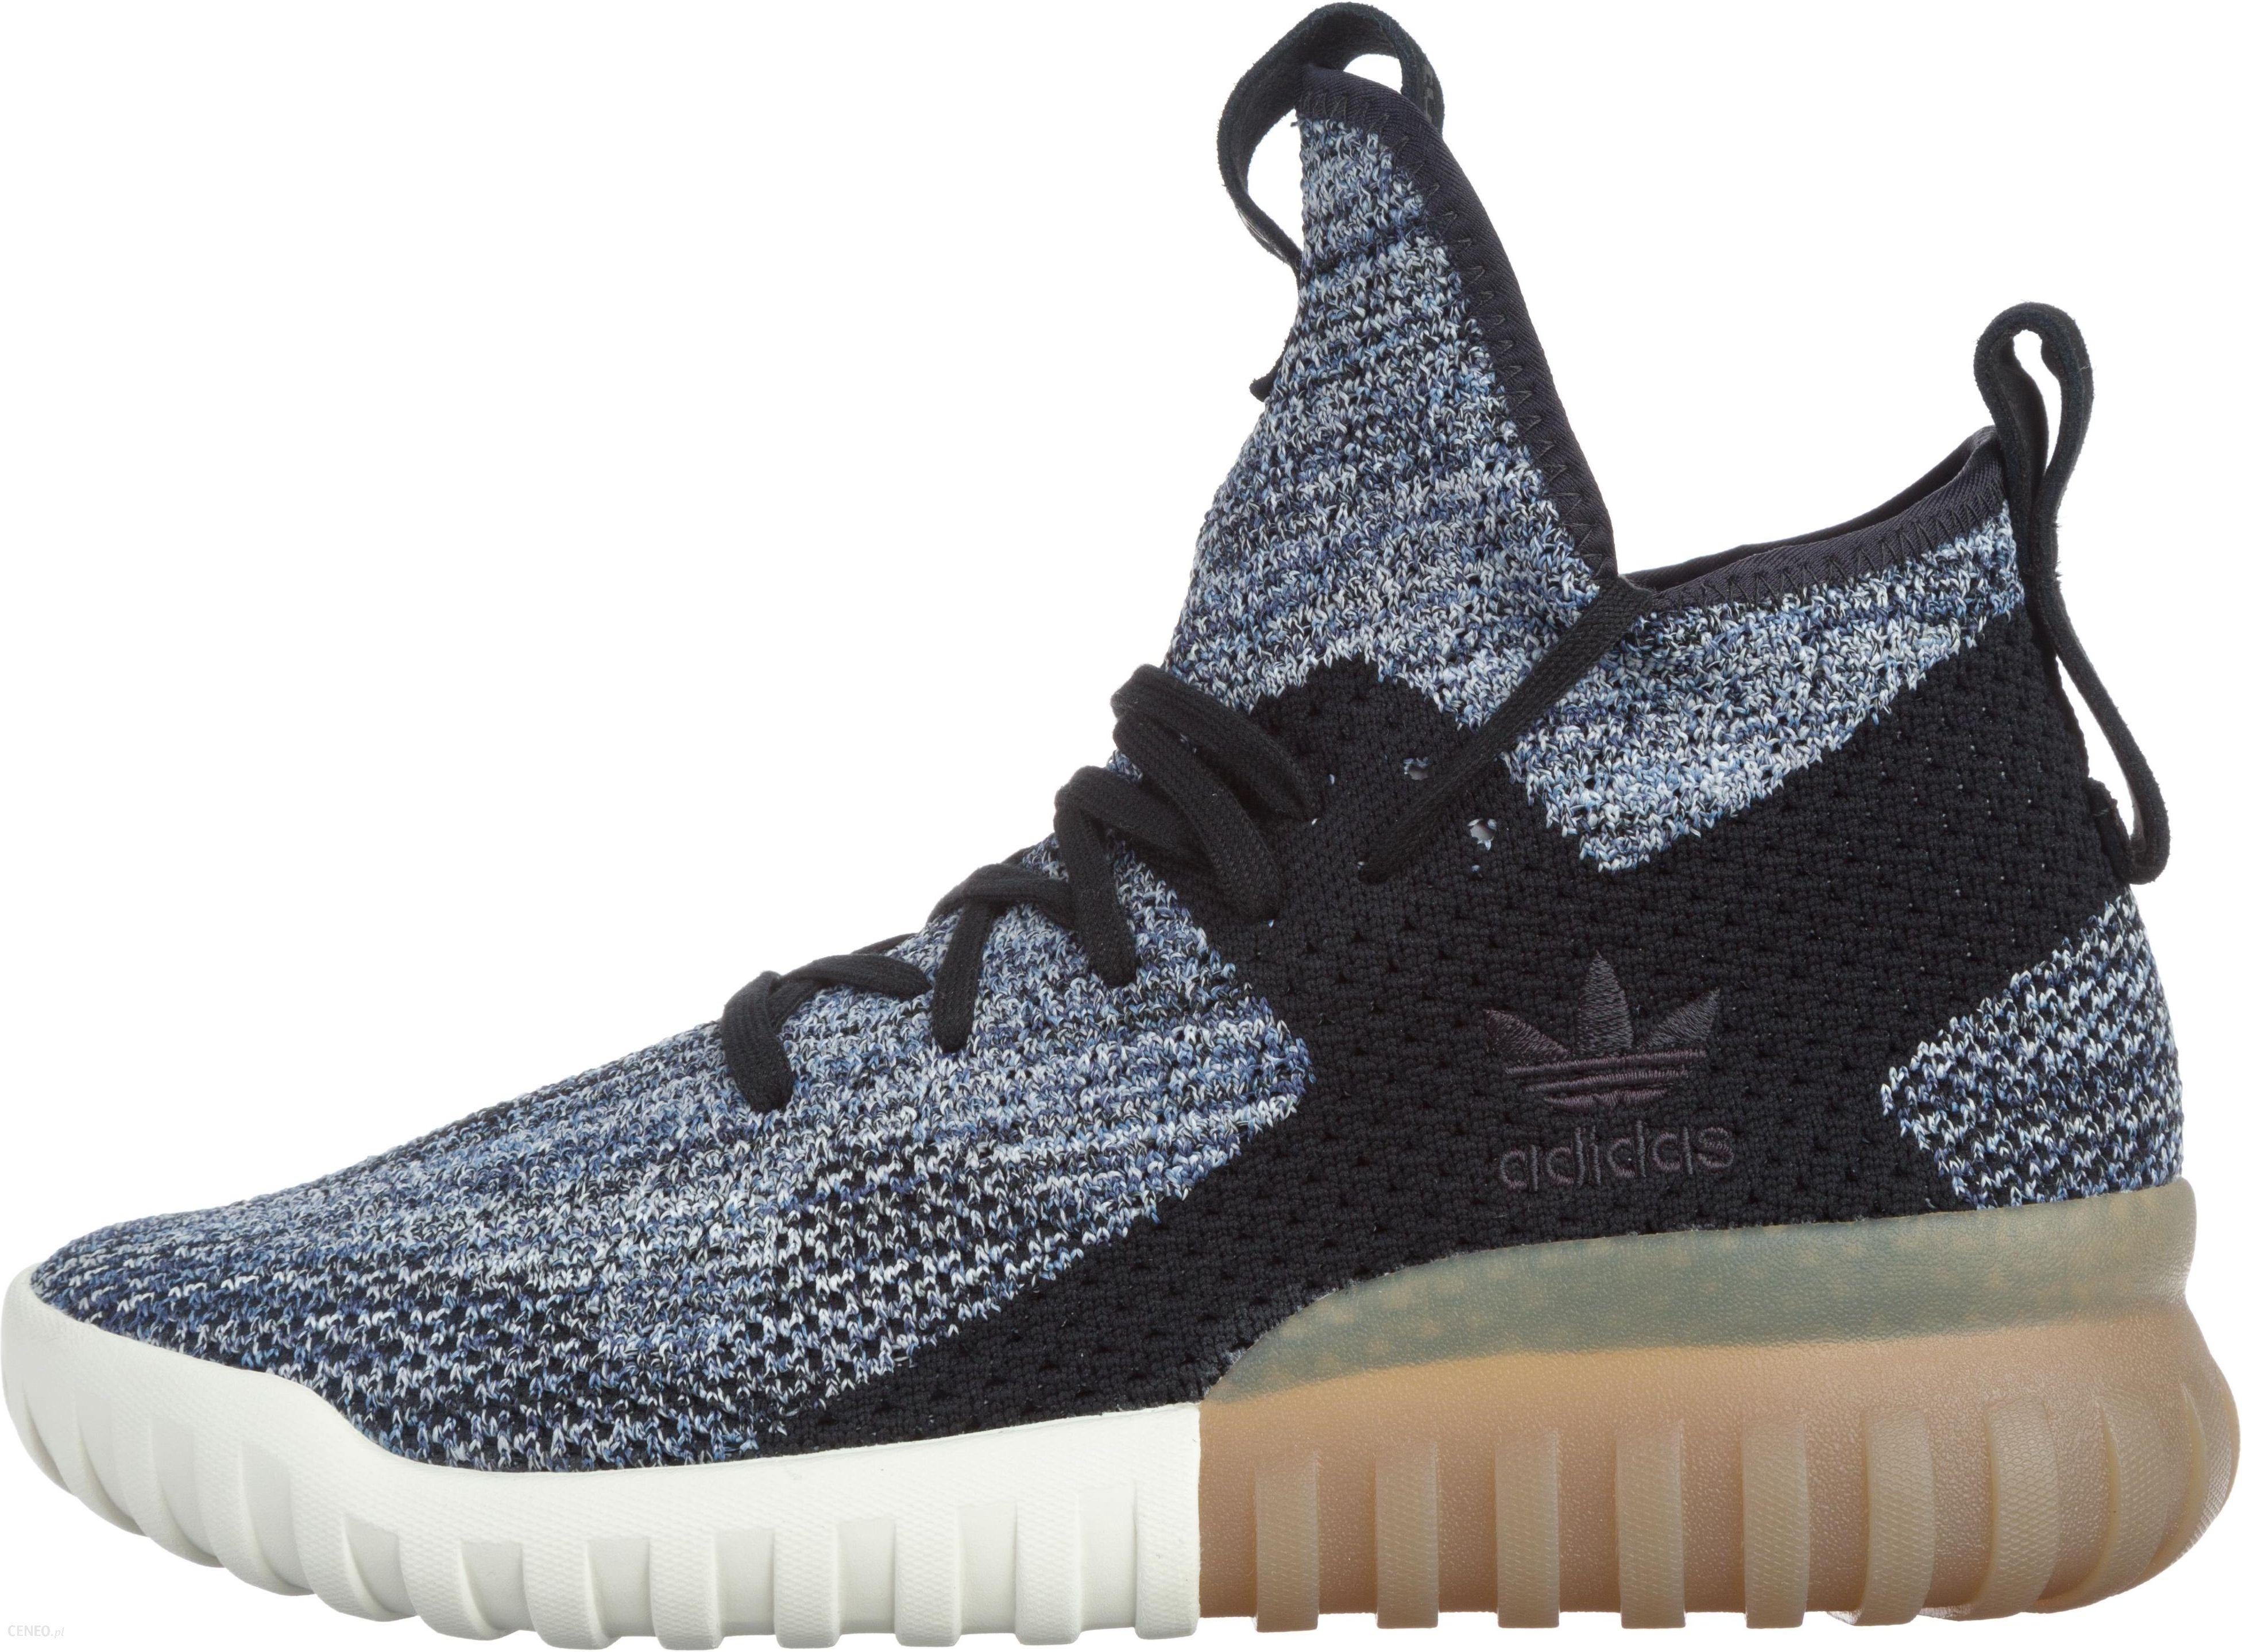 adidas Originals Tubular X Primeknit Czarny Niebieski 40 23